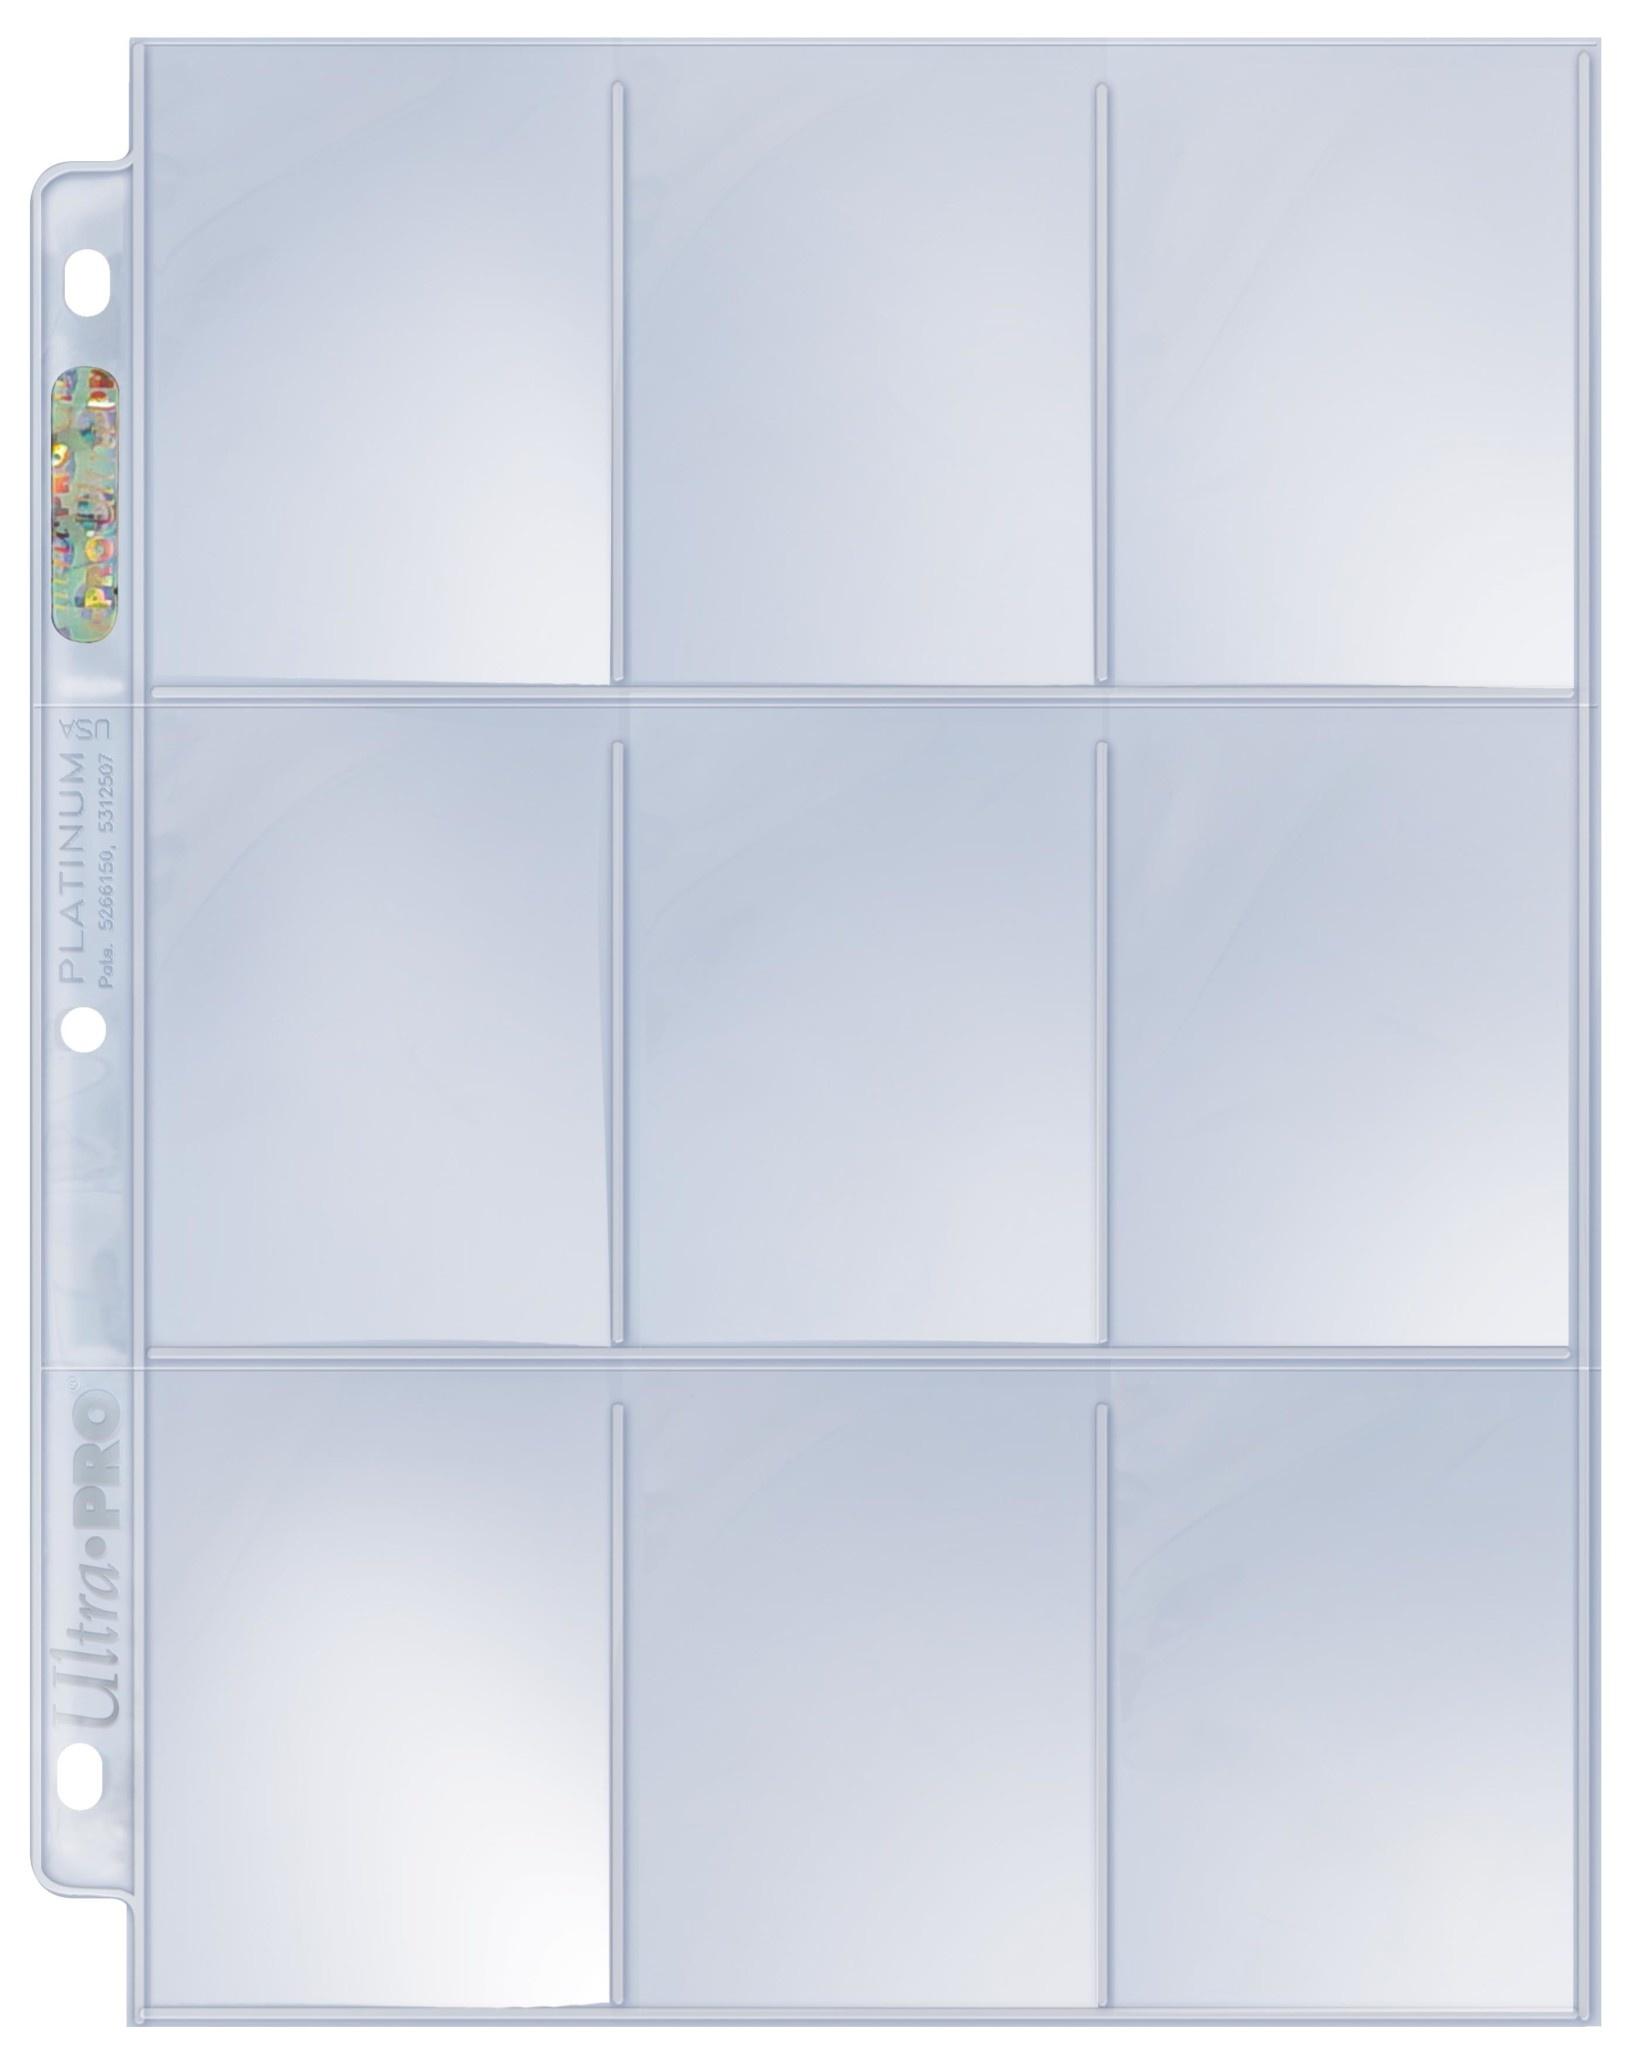 UP 9-Pocket Platinum Page